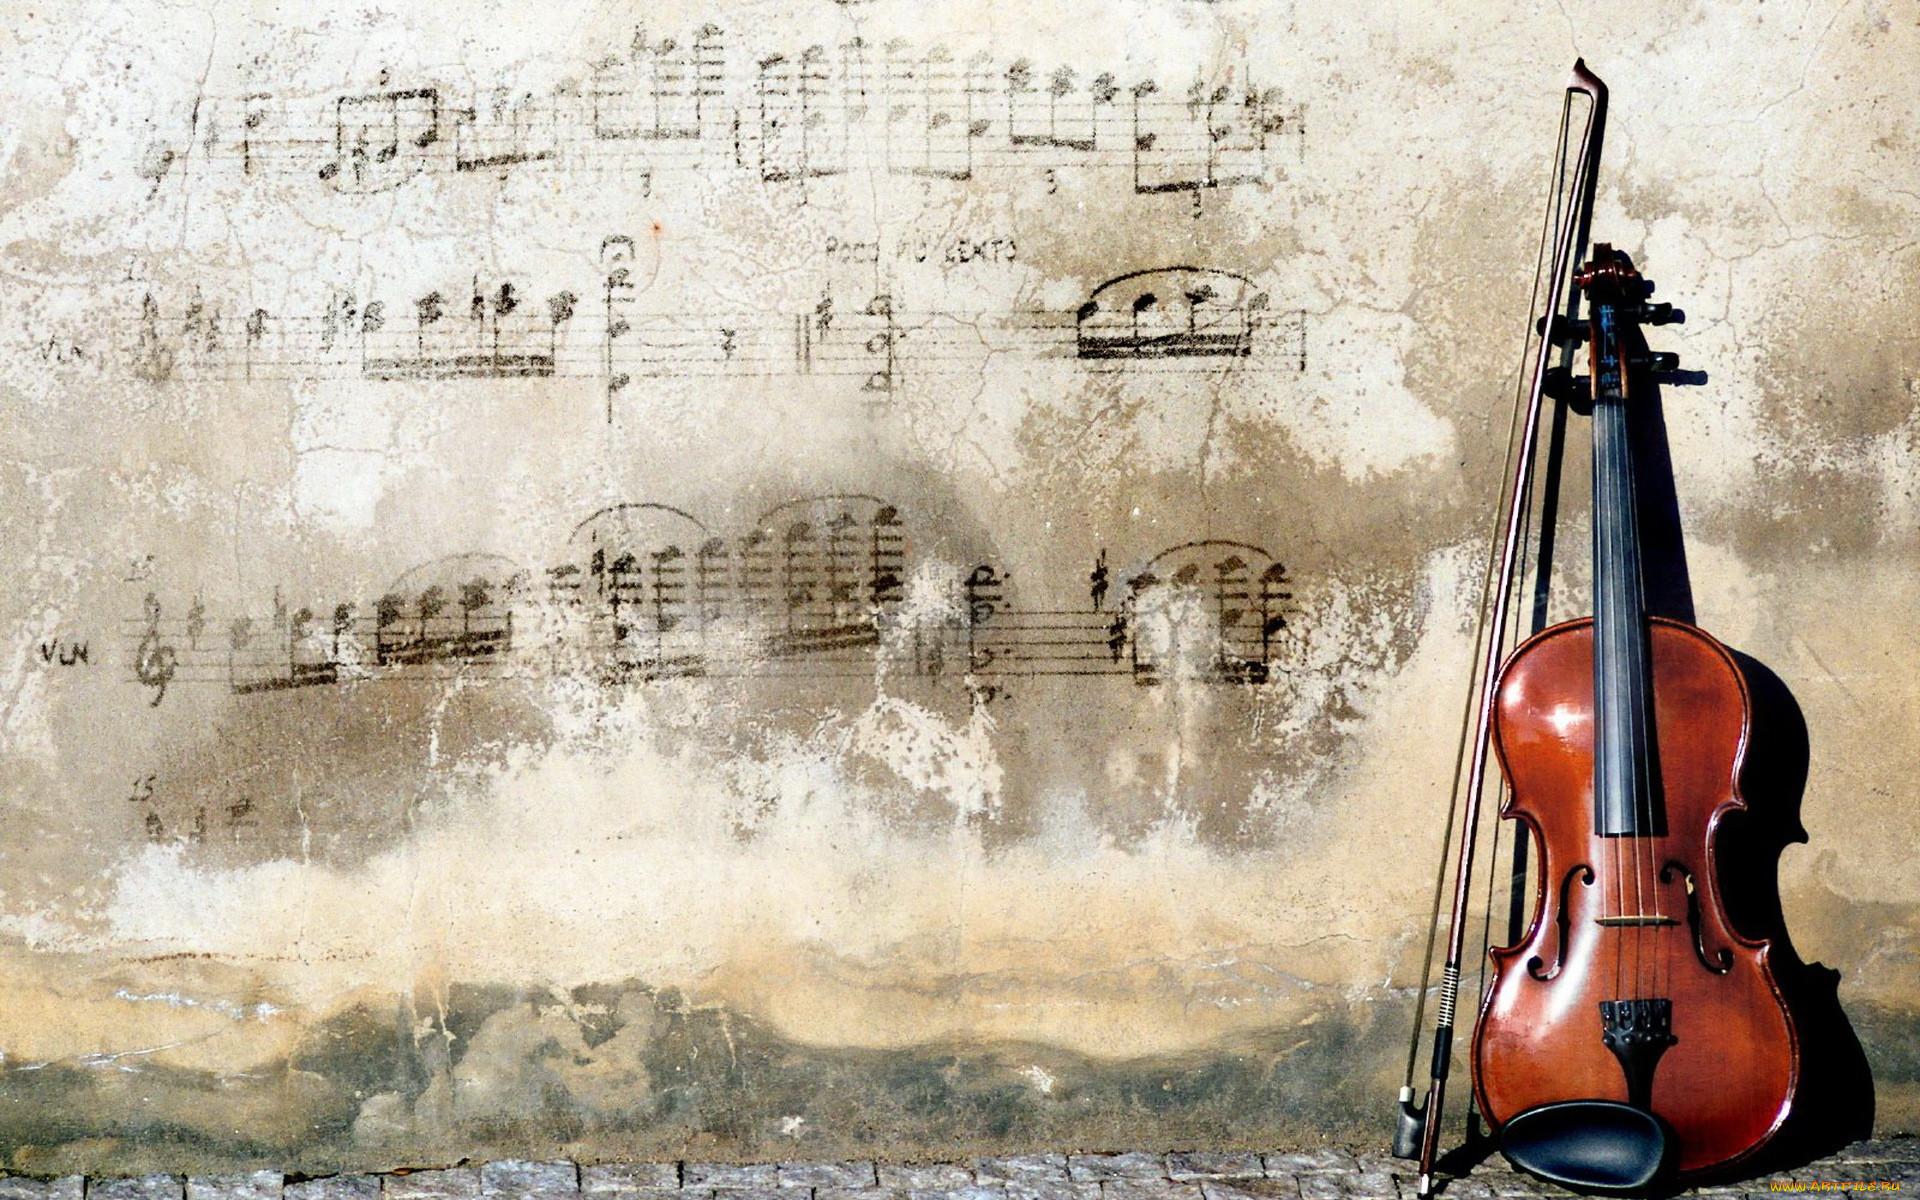 уже картинки с тематикой музыки объект пользуется популярностью